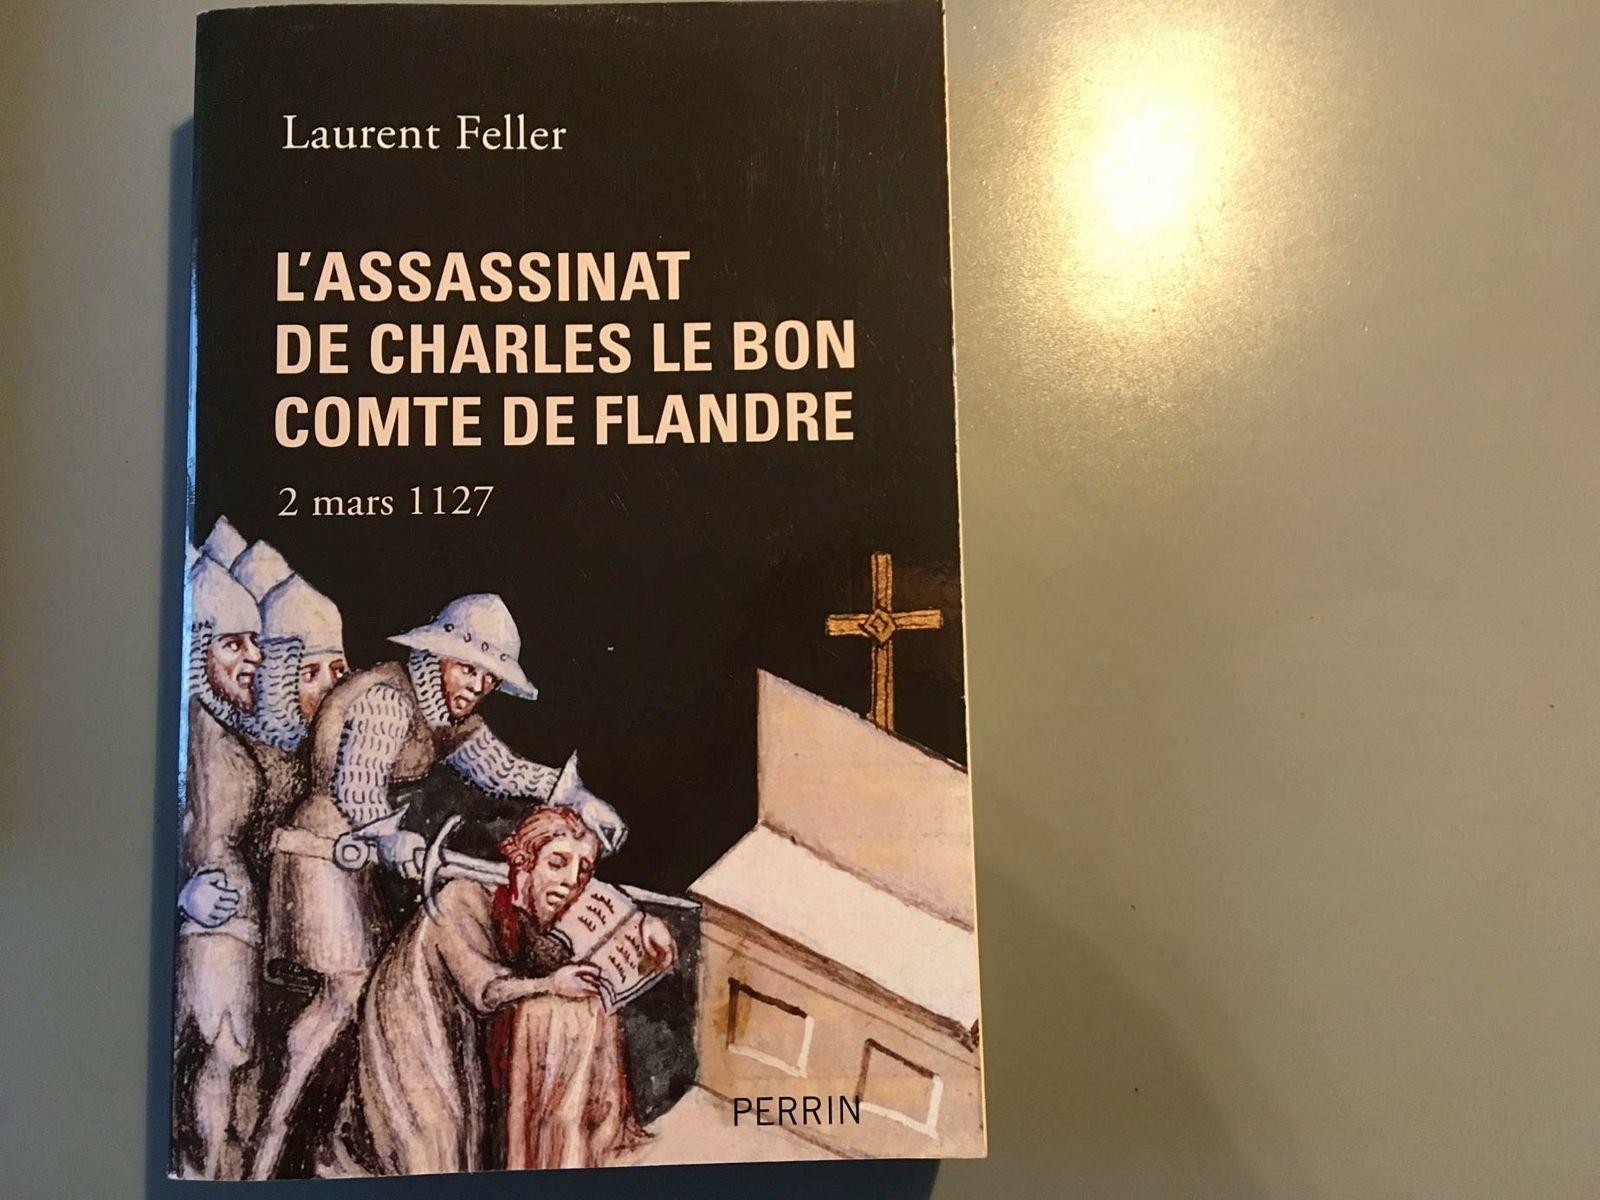 Vends livre sur l'assassinat de Charles le Bon